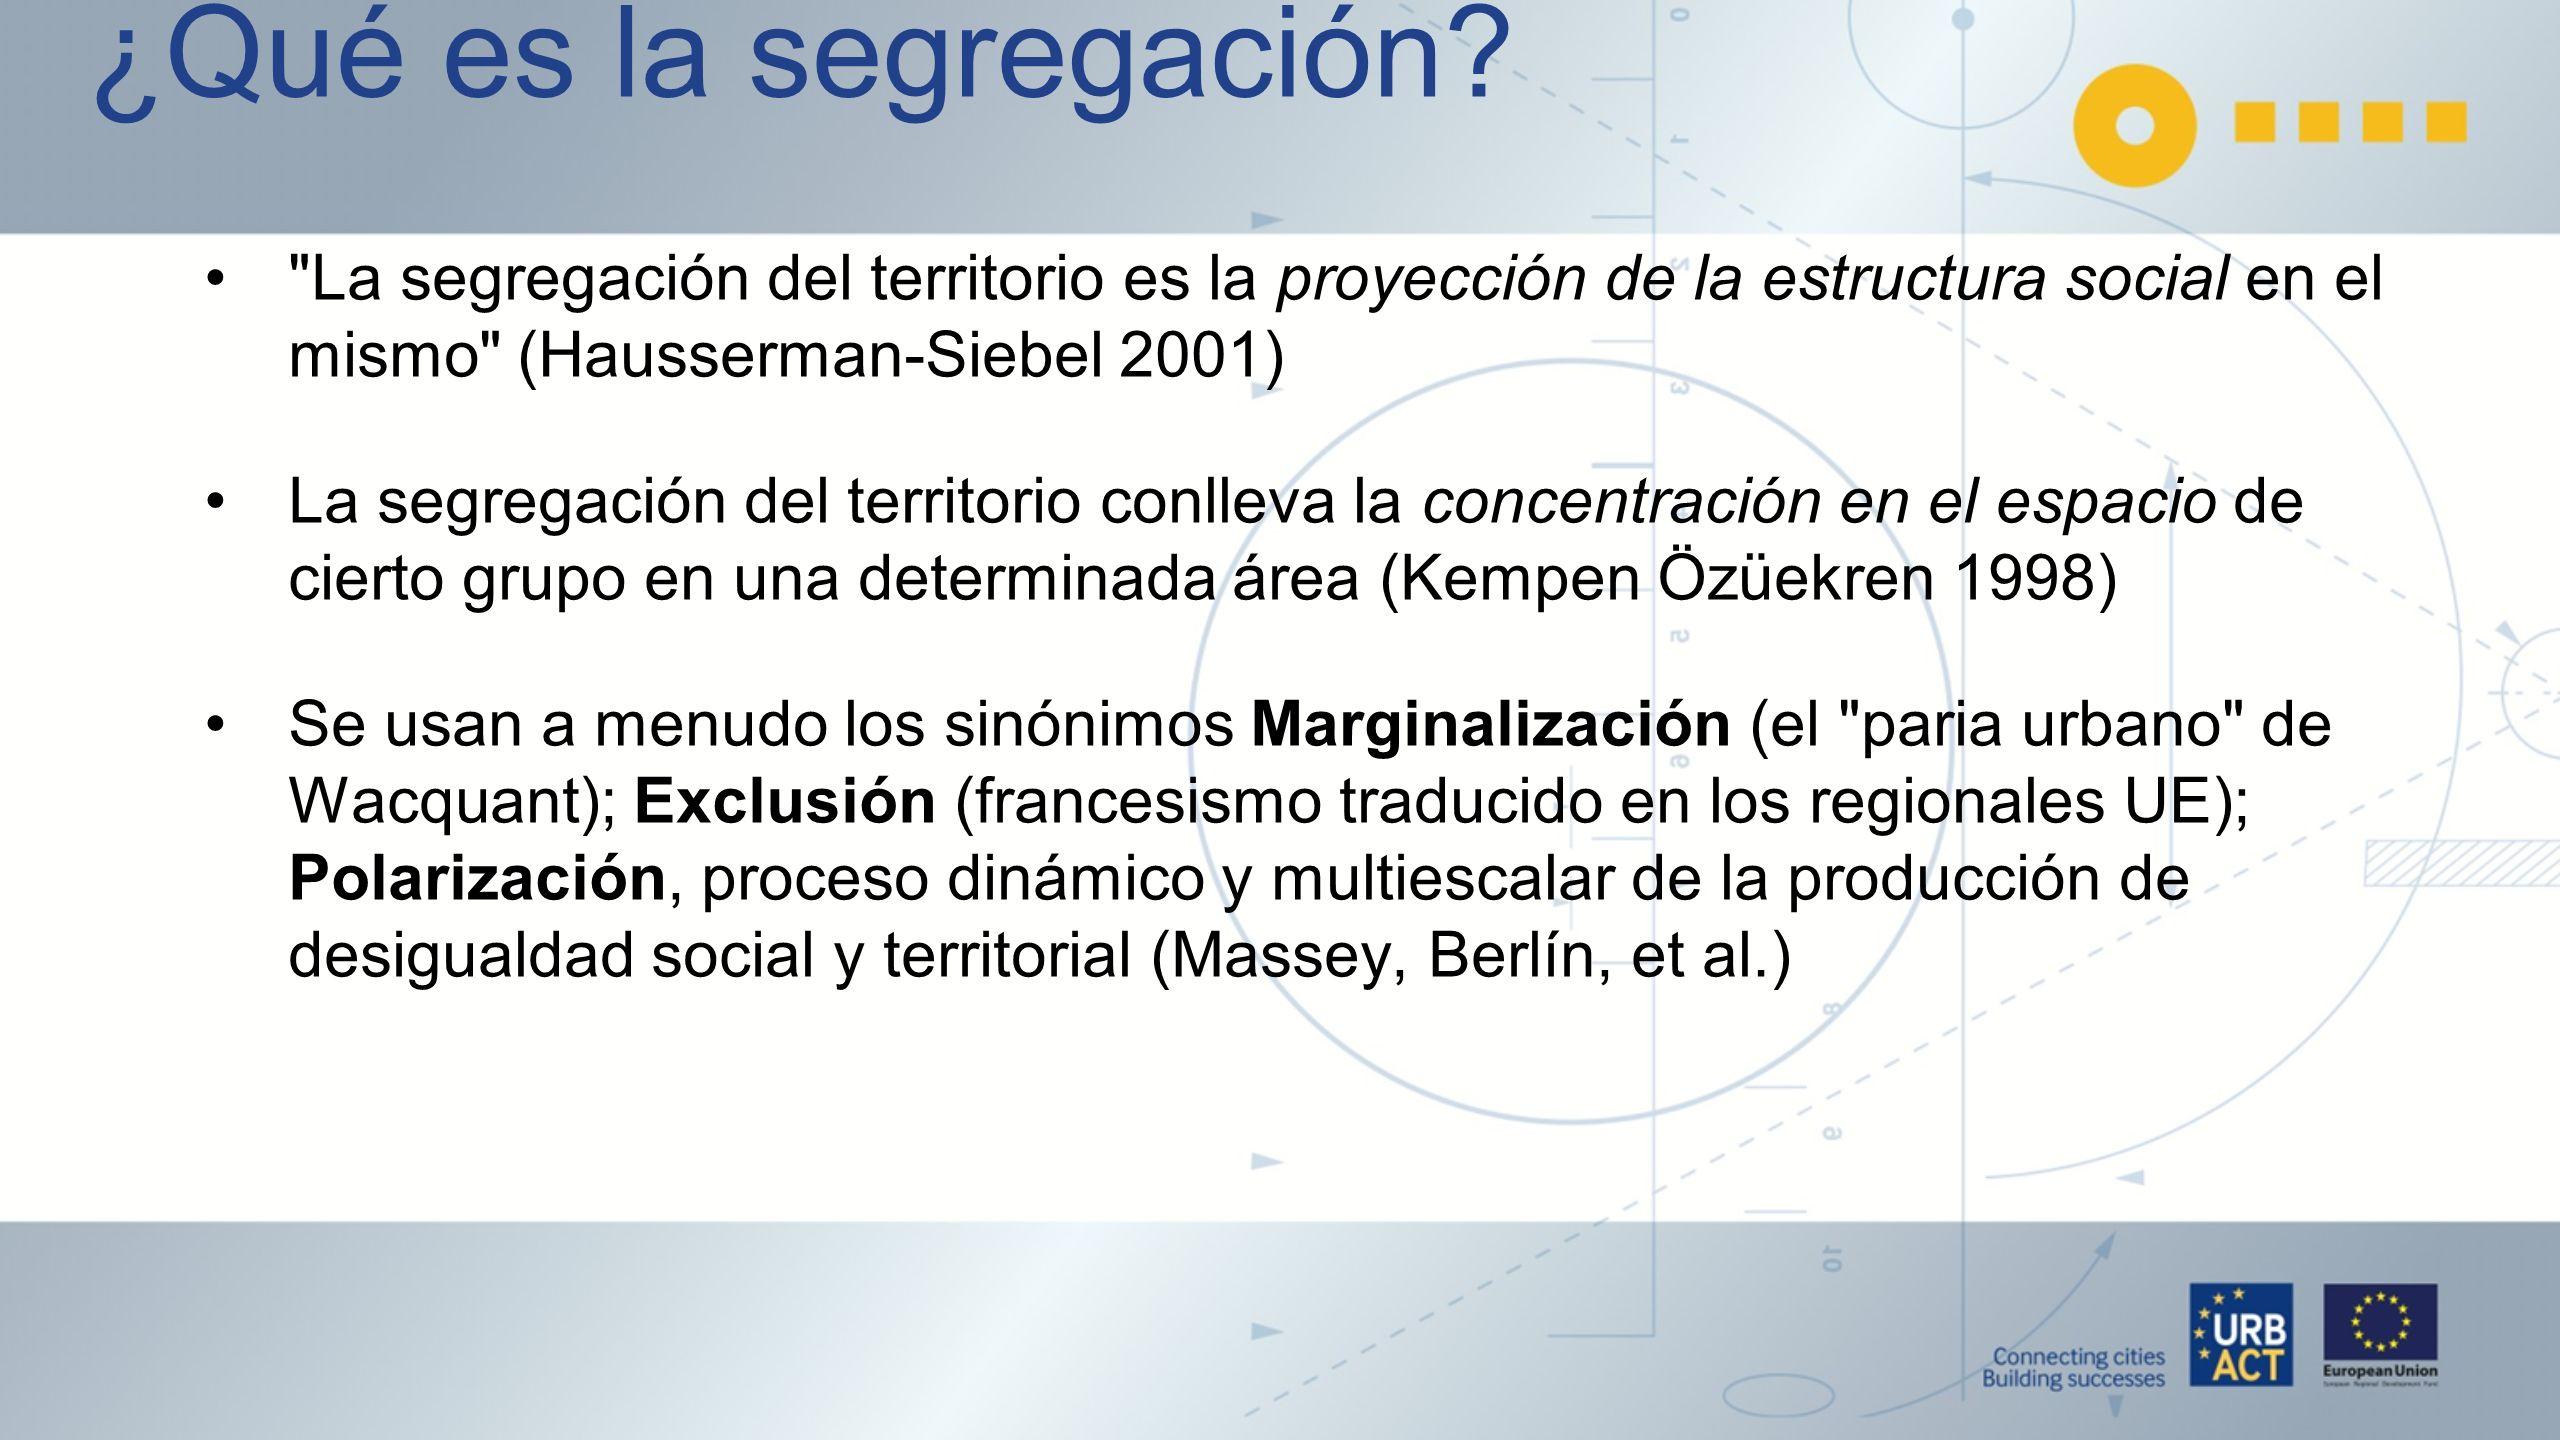 ¿Qué es la segregación La segregación del territorio es la proyección de la estructura social en el mismo (Hausserman-Siebel 2001)